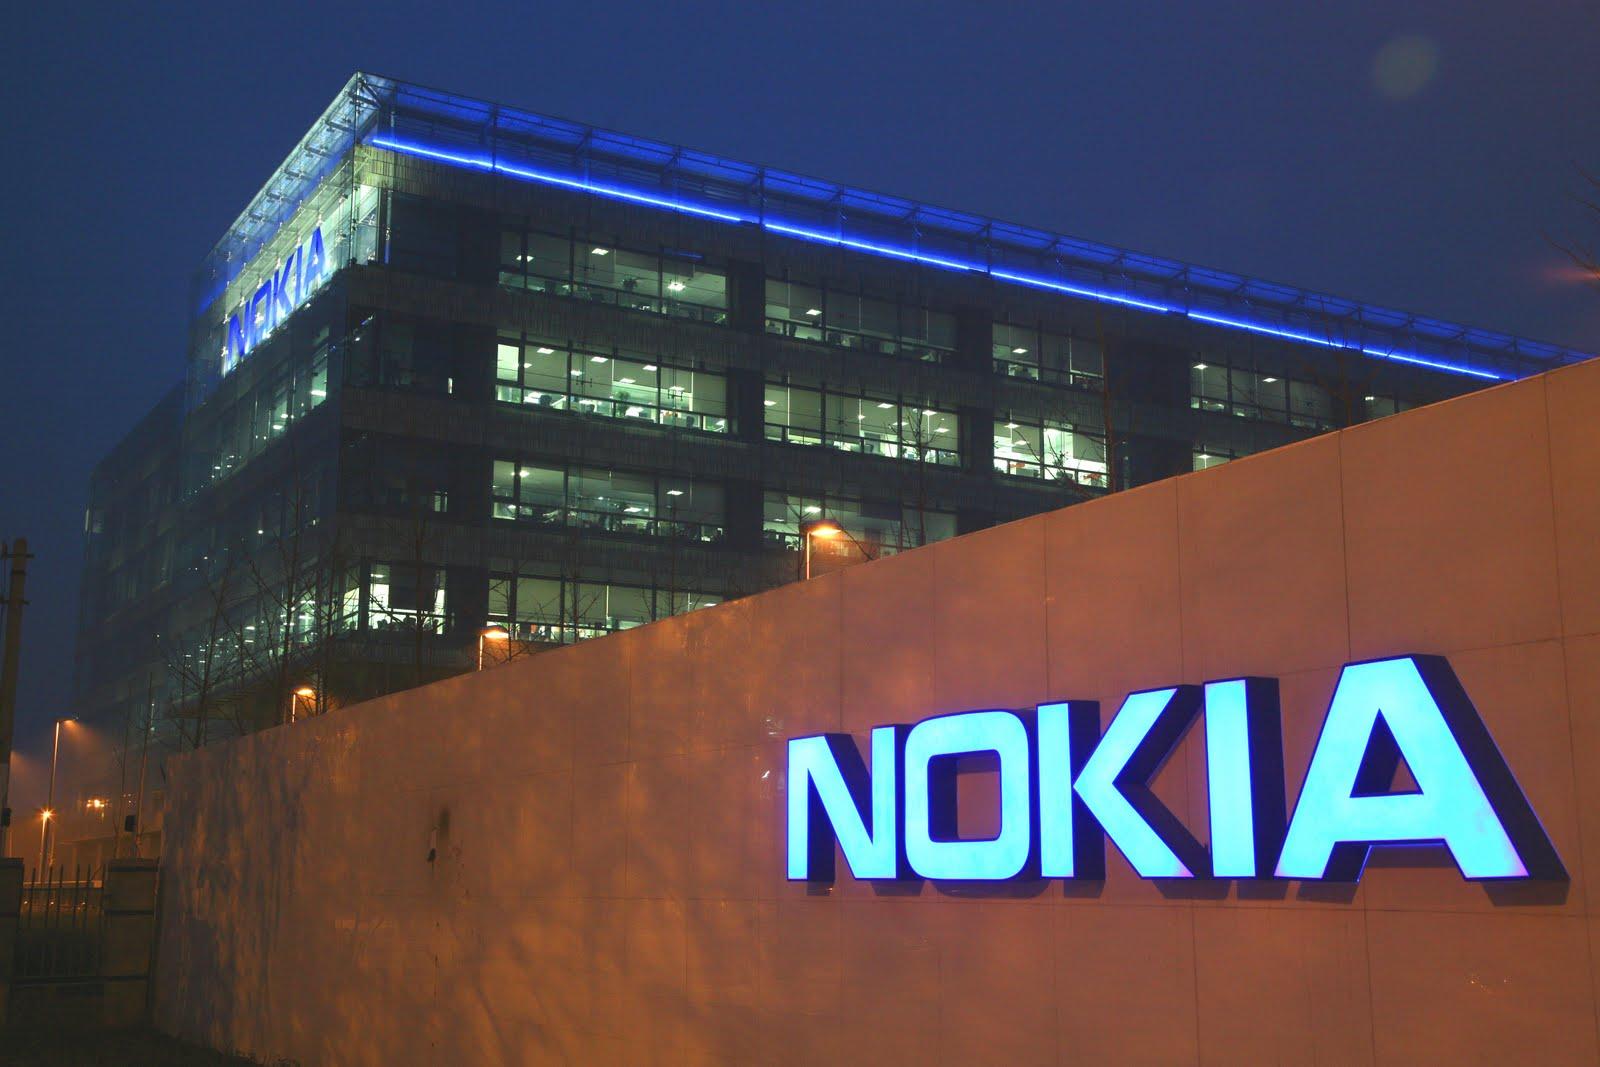 تسريب صور هاتف نوكيا Nokia المنتظر سي 1 C